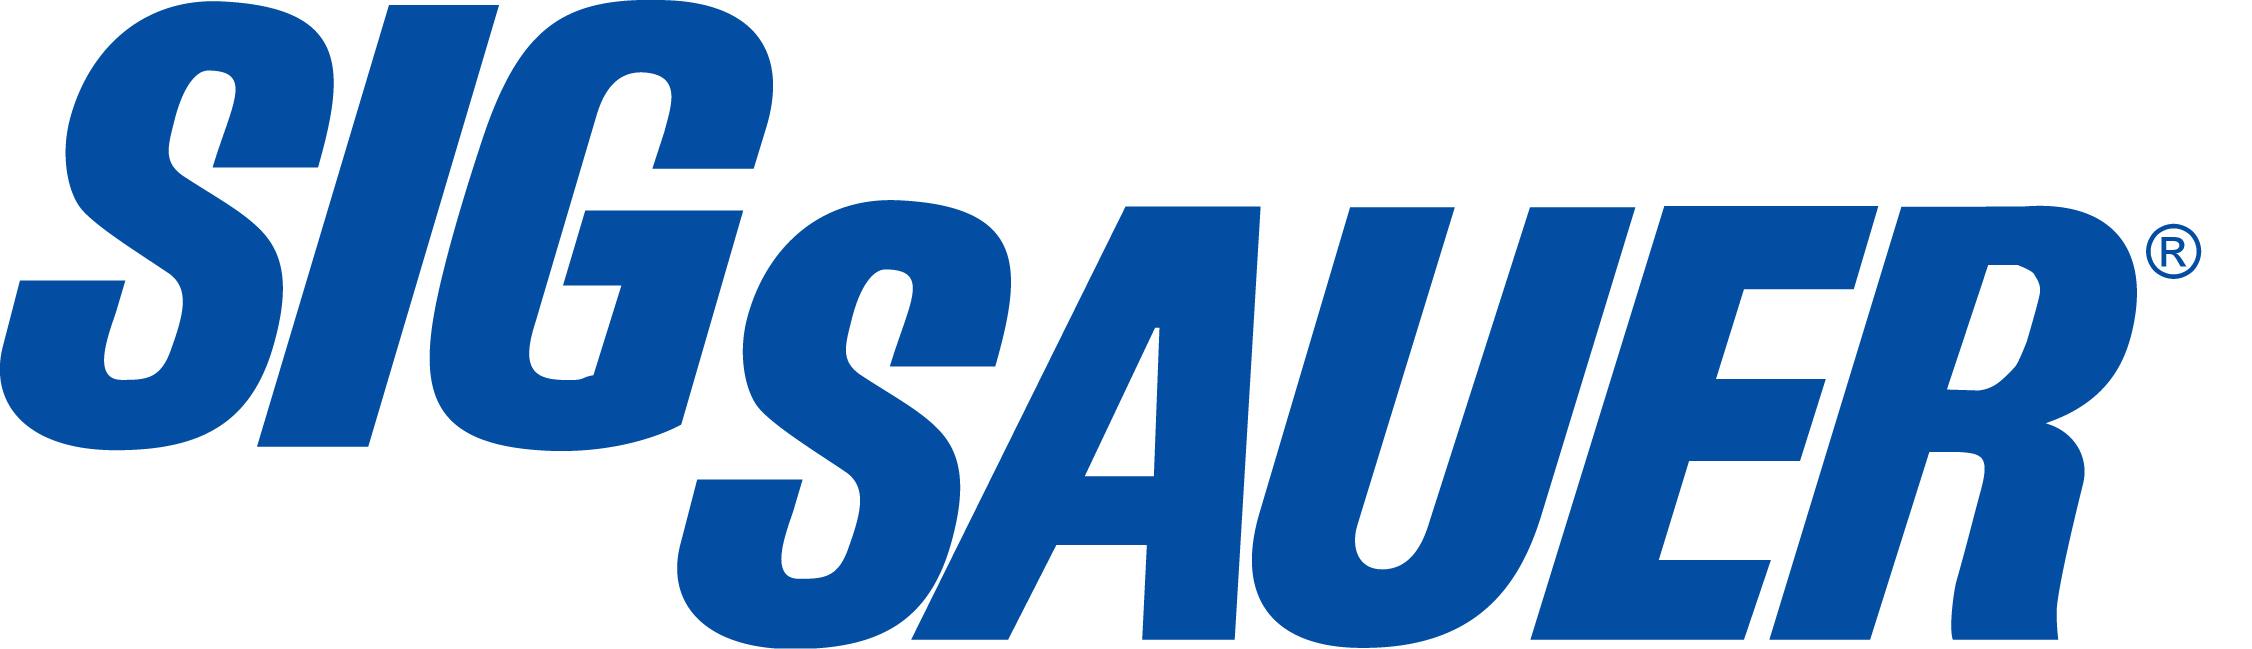 gun_logos_sig_logo_decal__75201.jpg